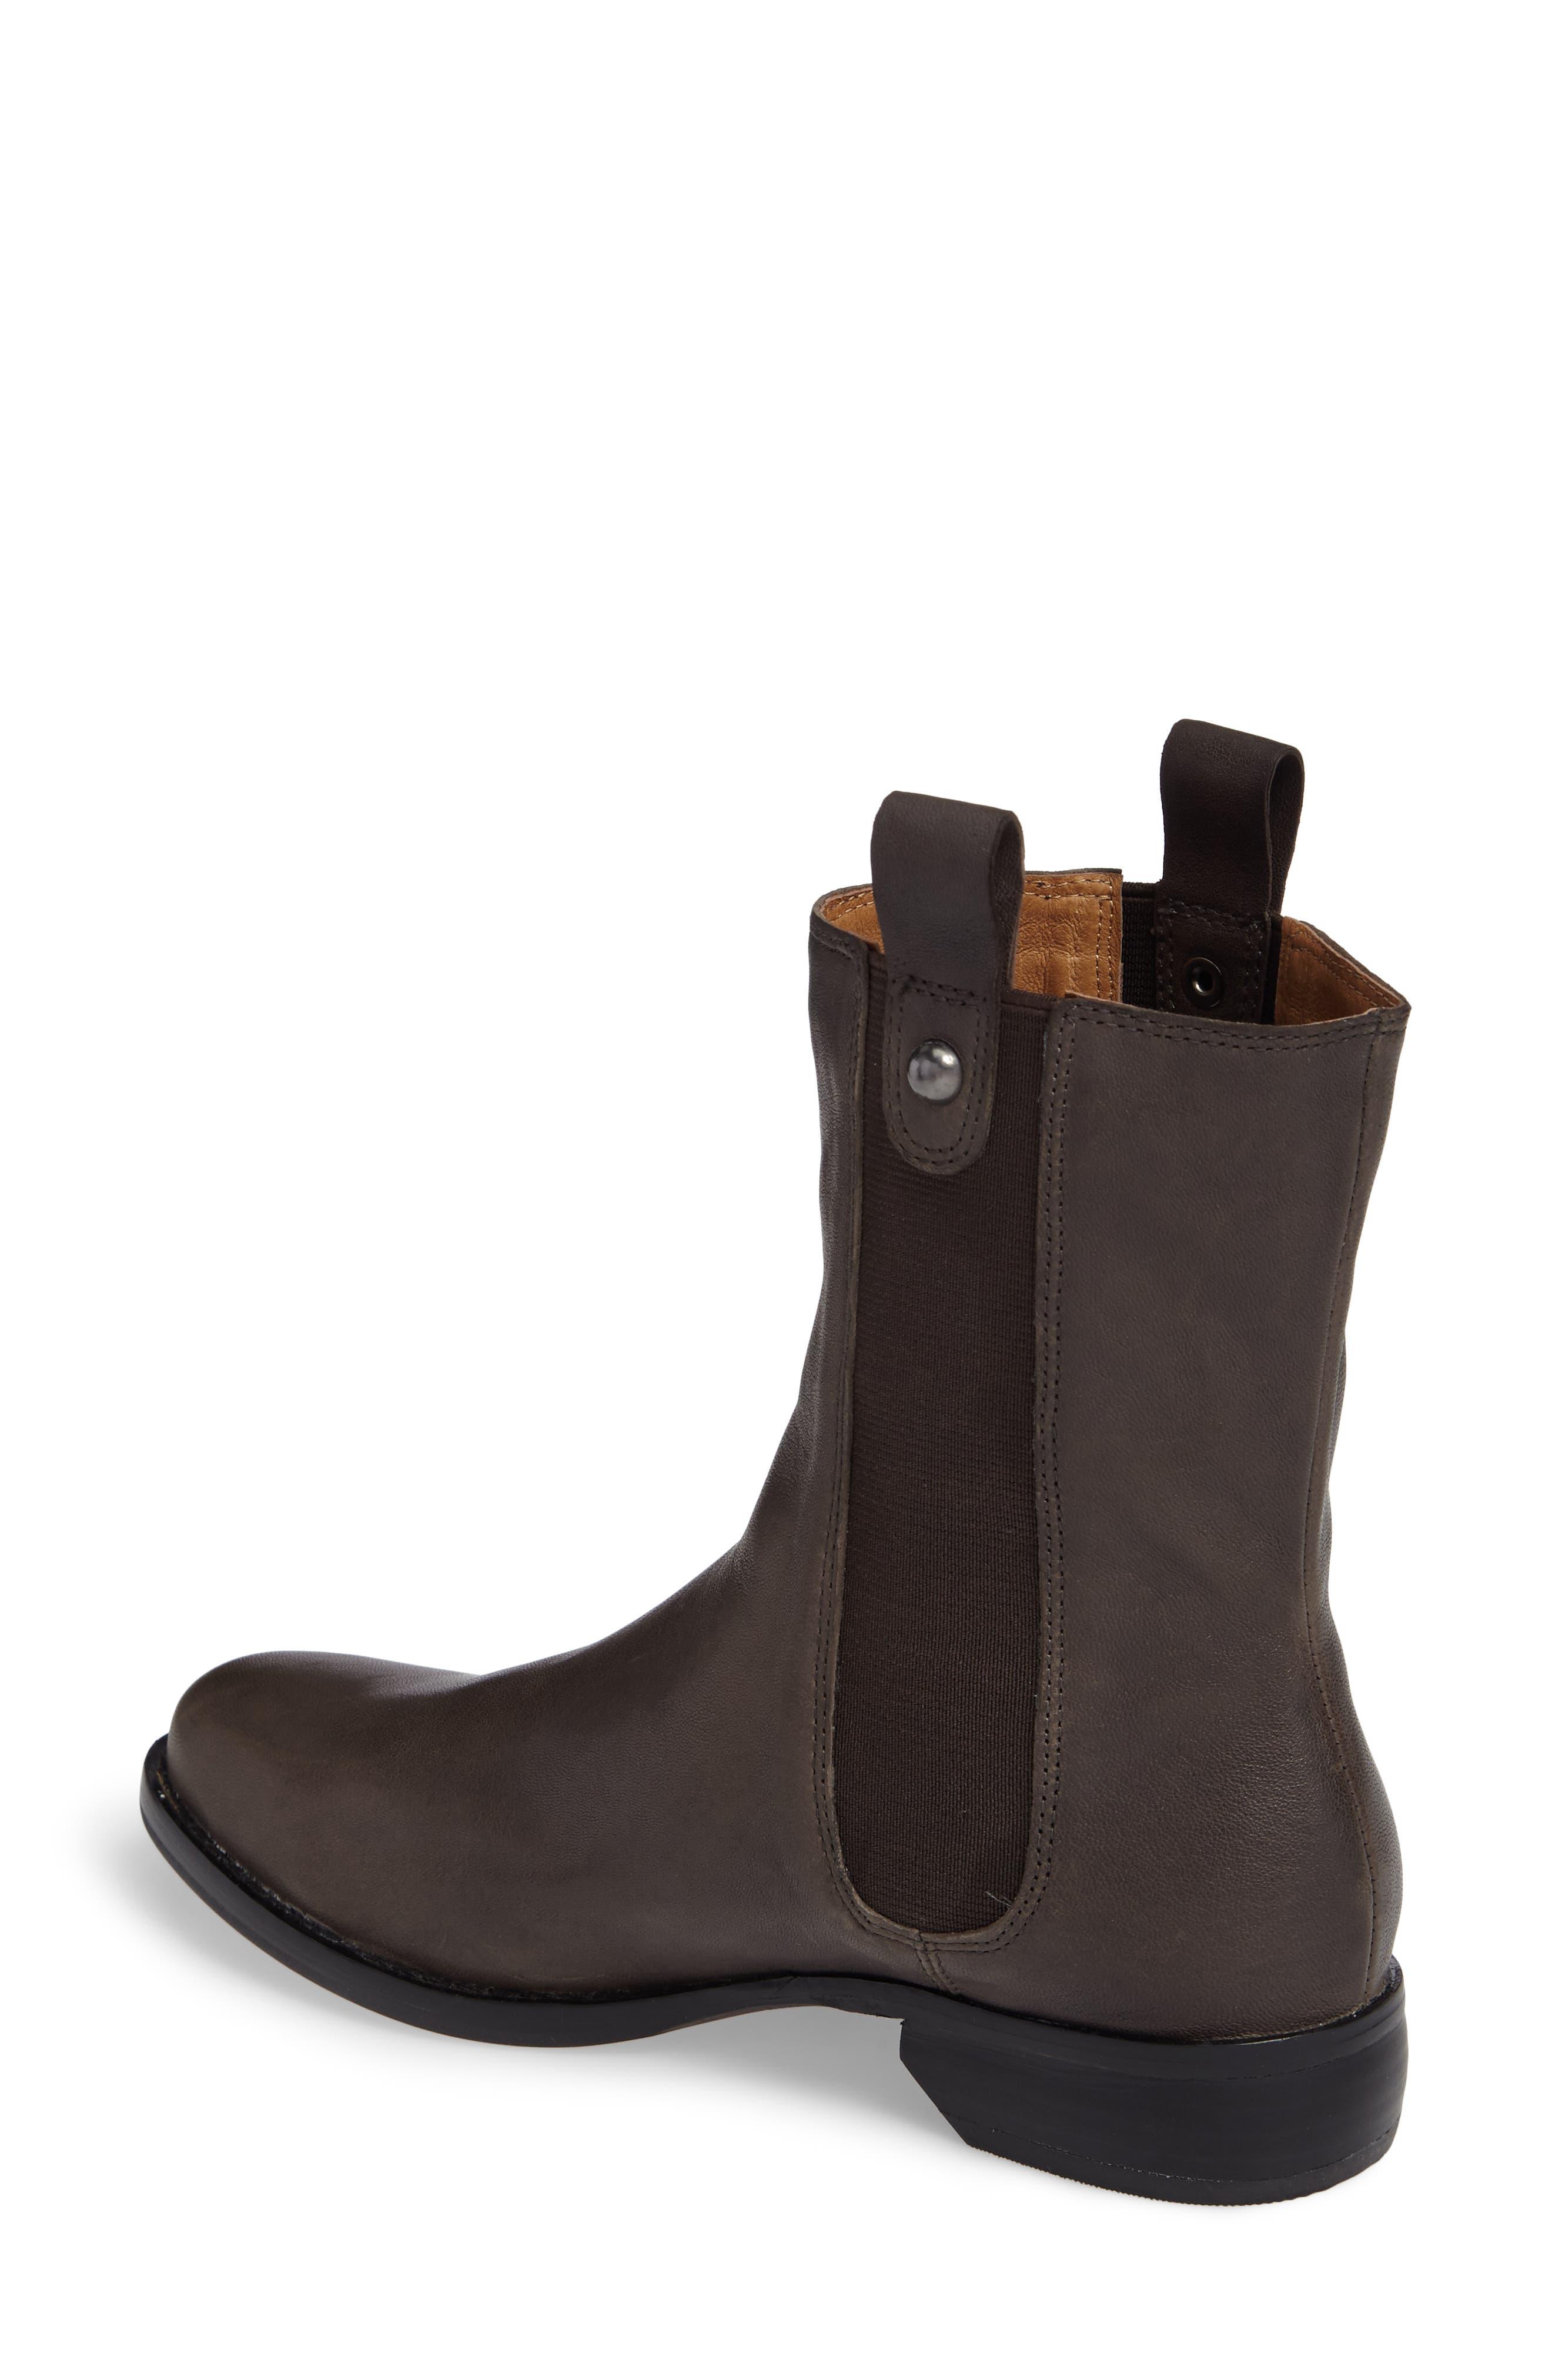 CC Corso Como Armando Boot,                             Alternate thumbnail 2, color,                             Dark Grey Leather